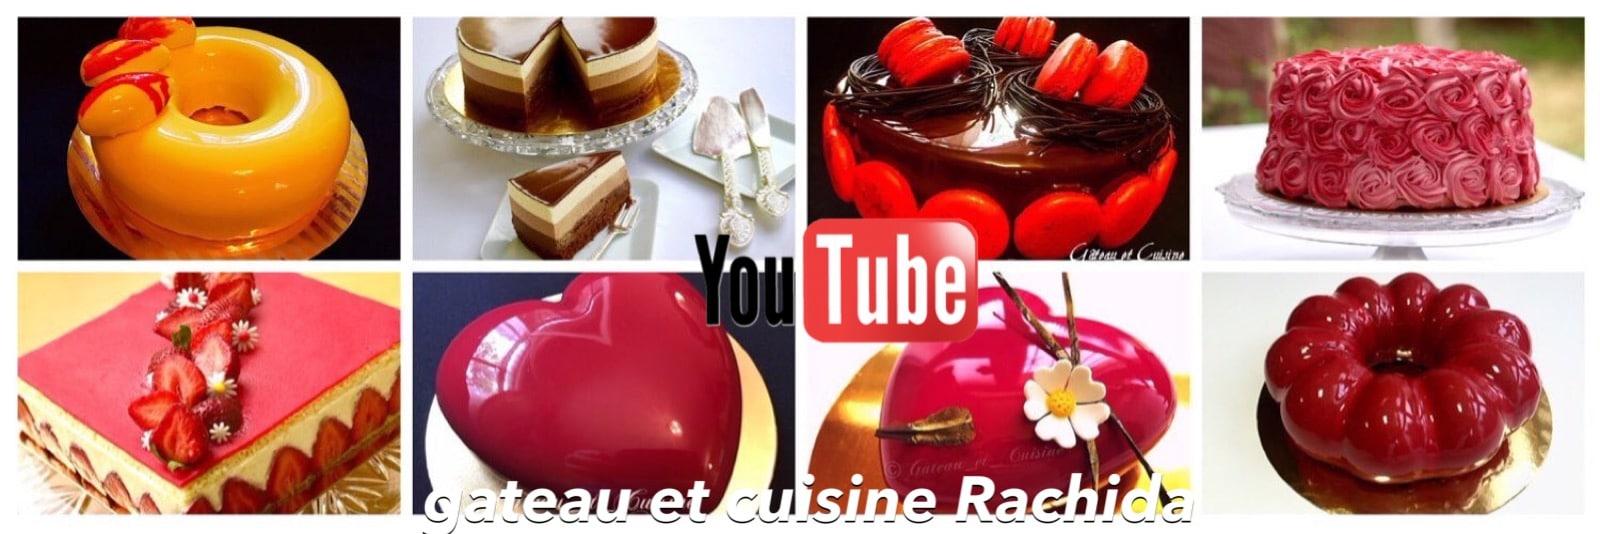 gâteau et cuisine Rachida - Blog de rachida